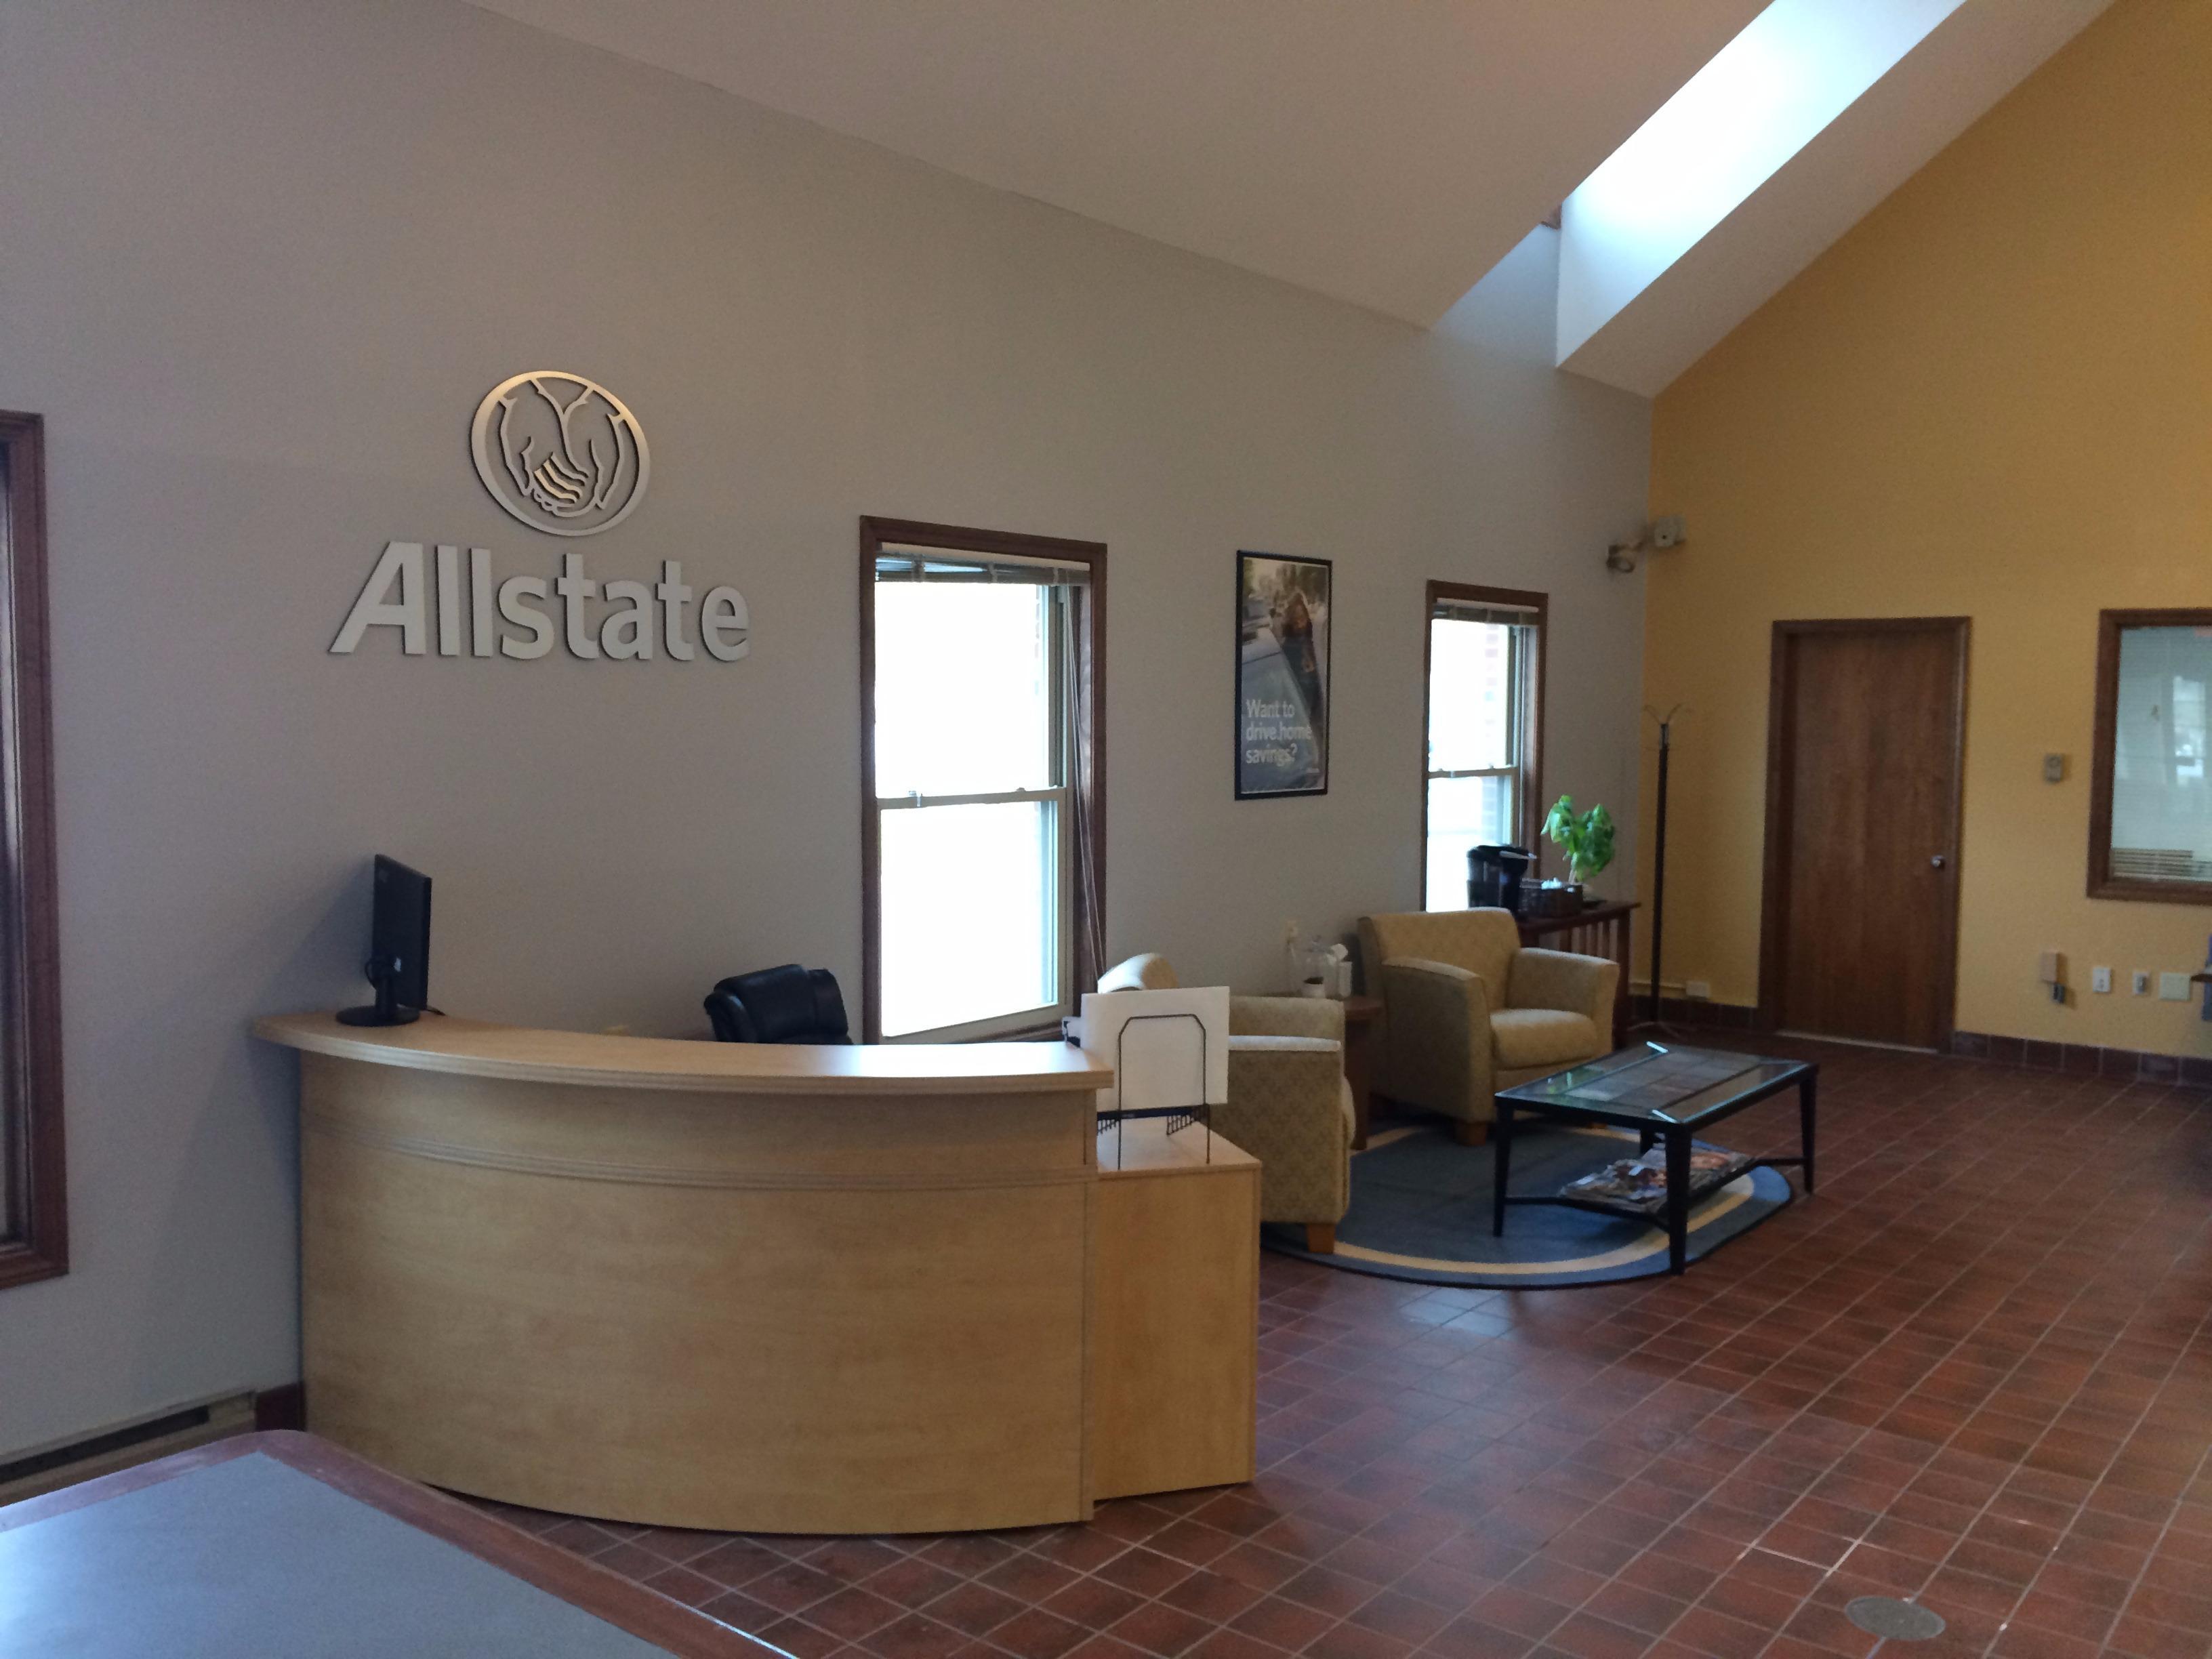 Nelson Walker: Allstate Insurance image 2